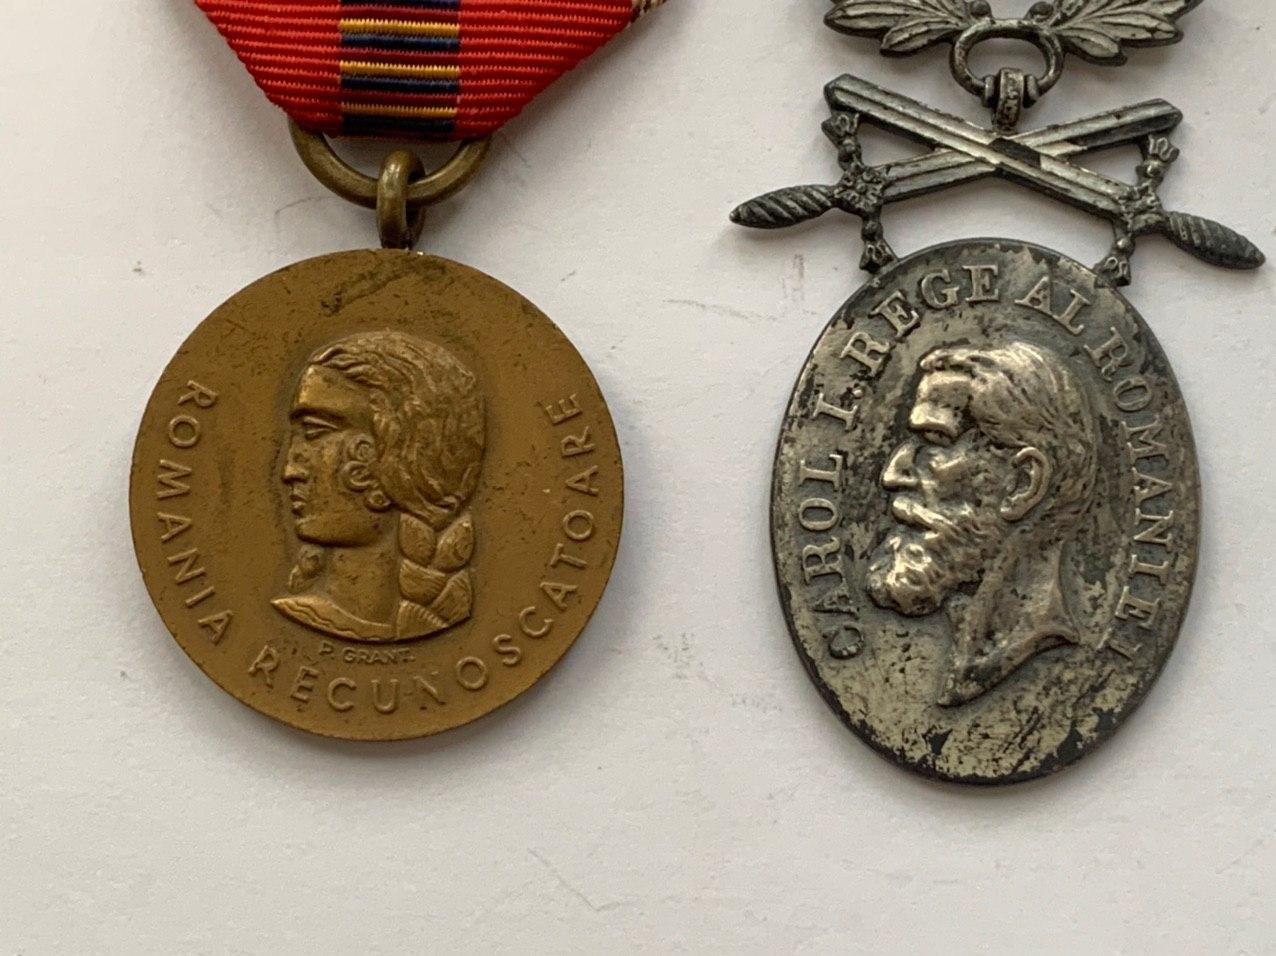 Romanian awards